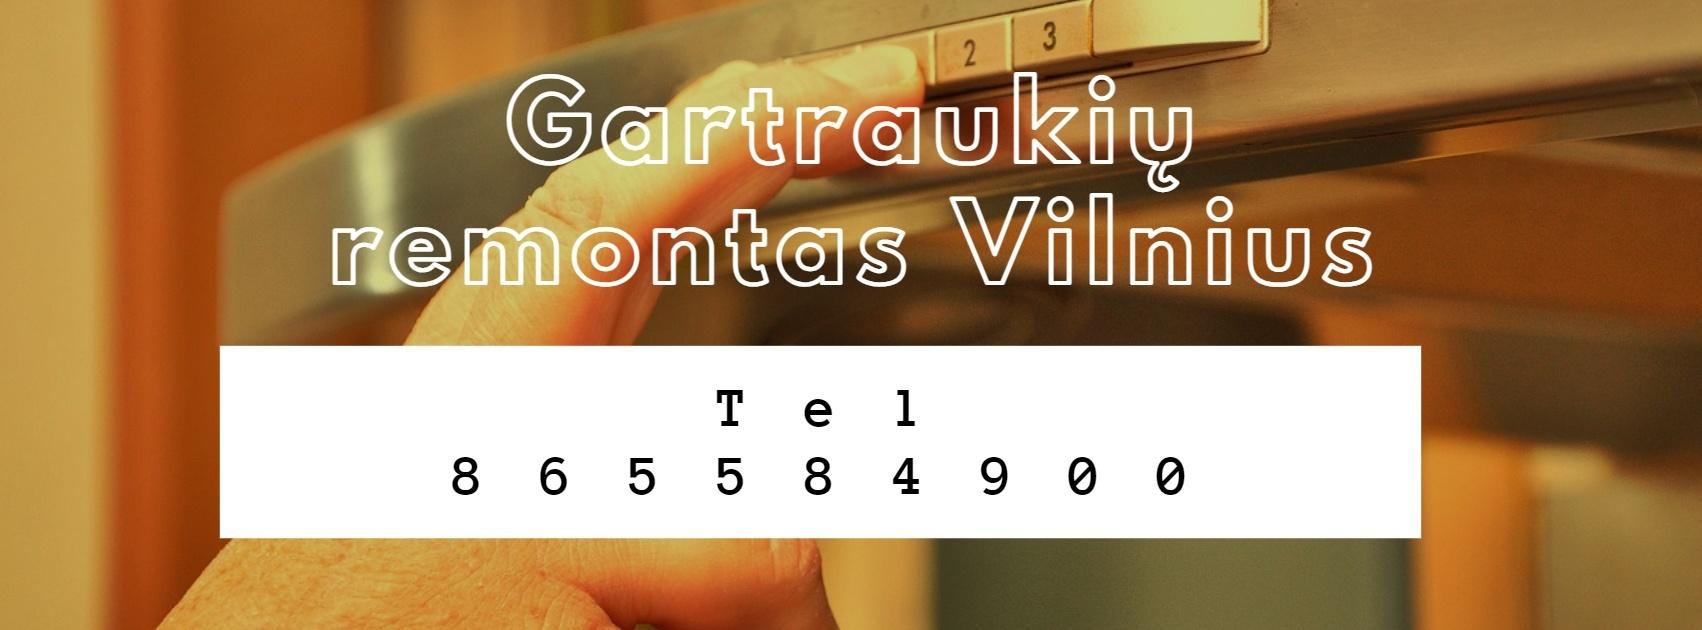 Gartraukių remontas Vilnius.jpg